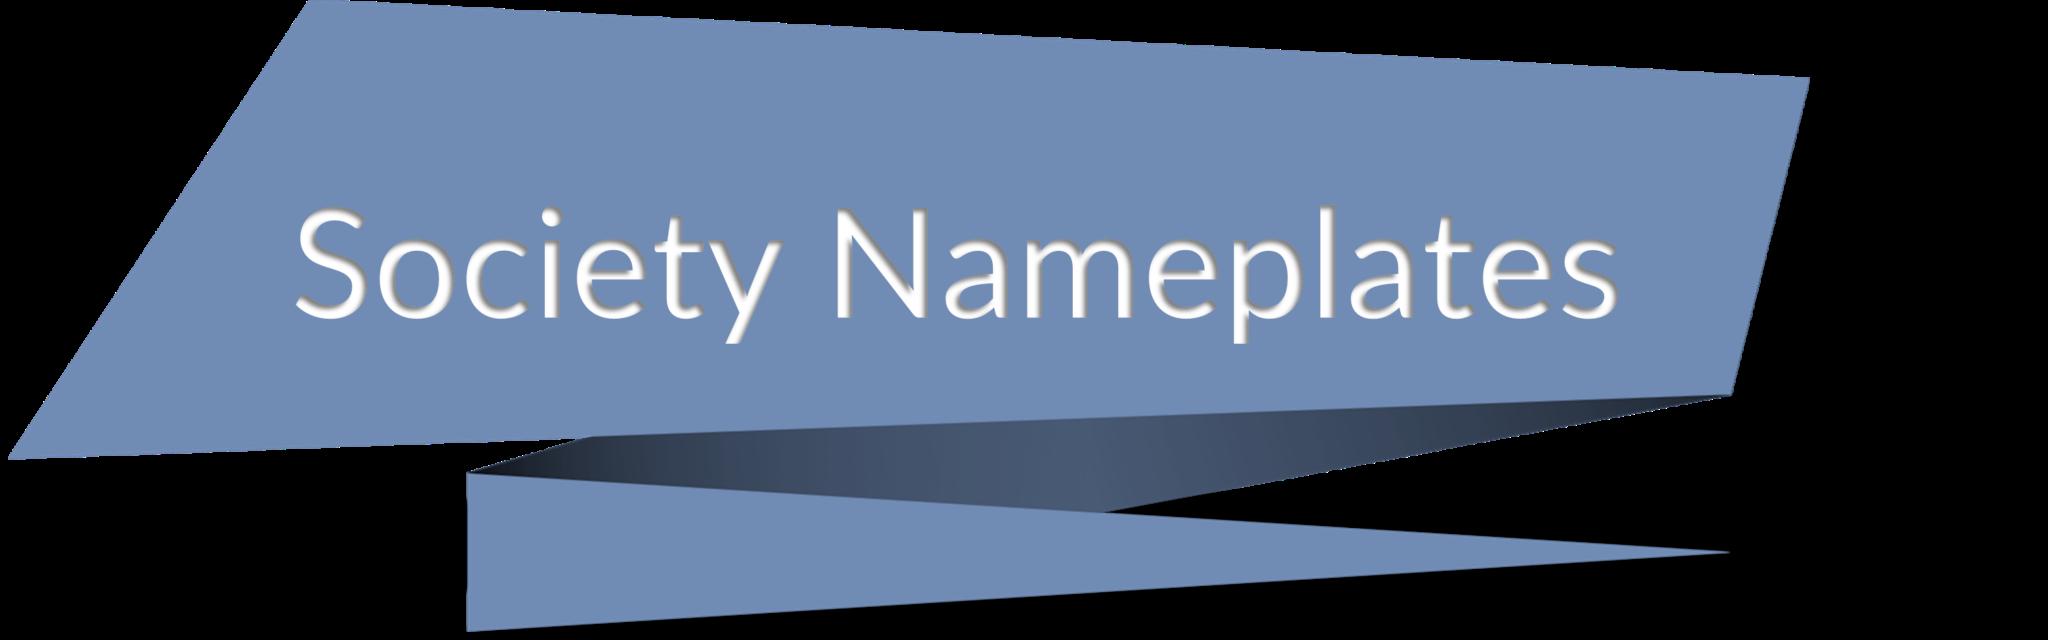 Society Nameplates